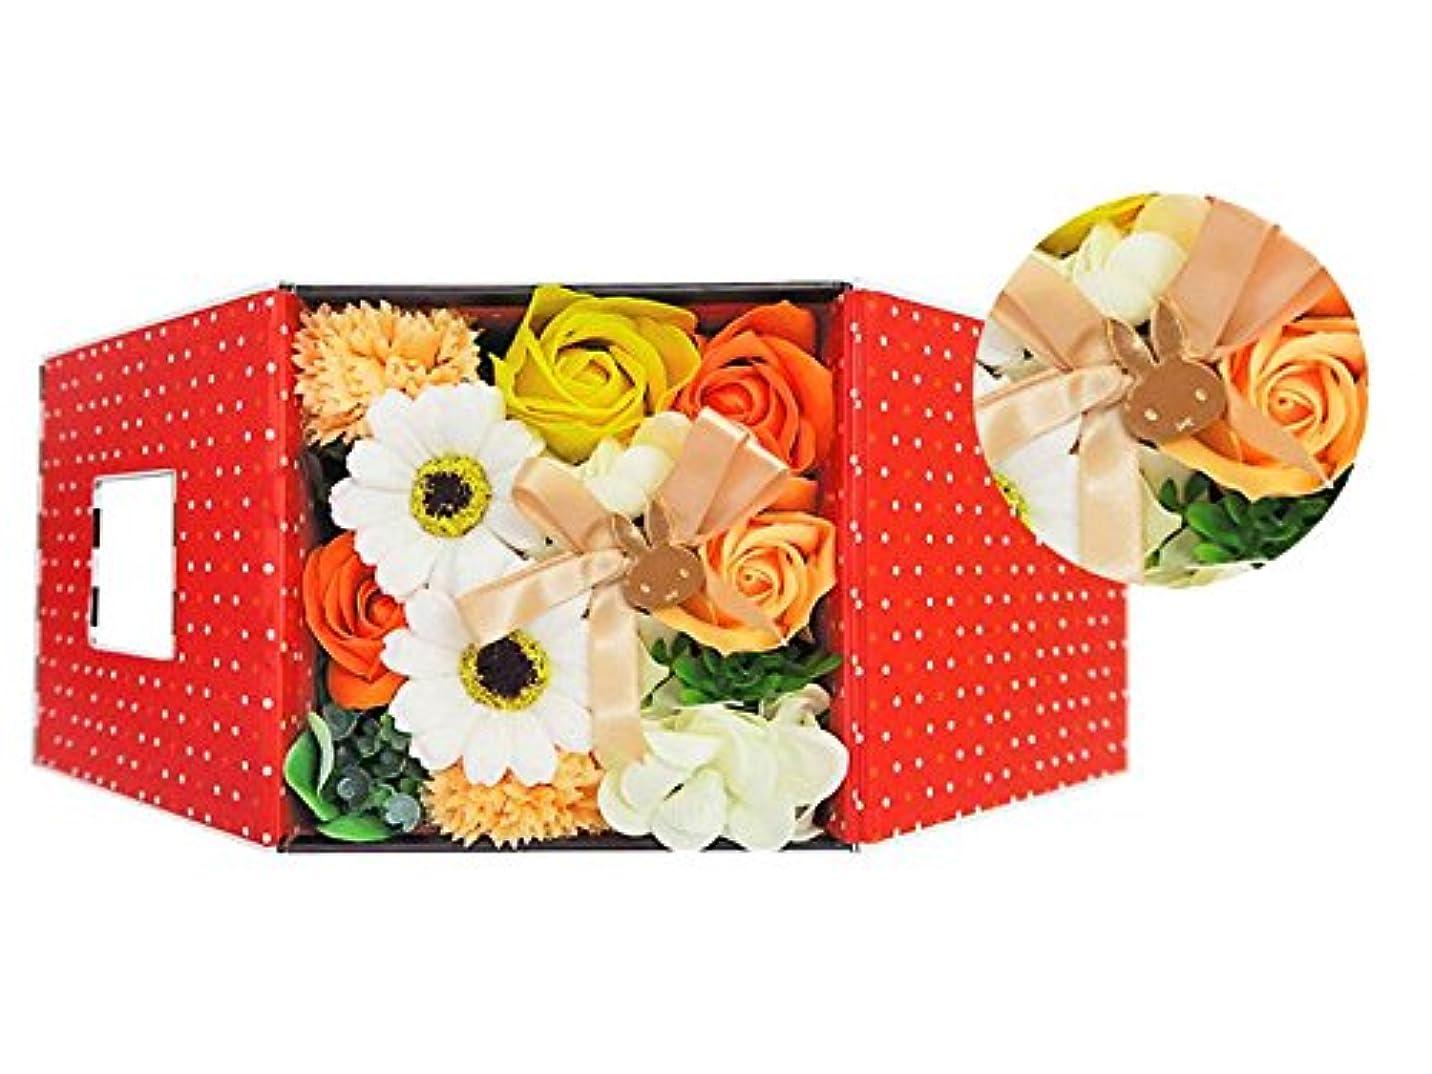 まっすぐにする粘り強いカウントお花のカタチの入浴剤 ミッフィーバスフレグランスボックス 誕生日 記念日 お祝い (オレンジ)